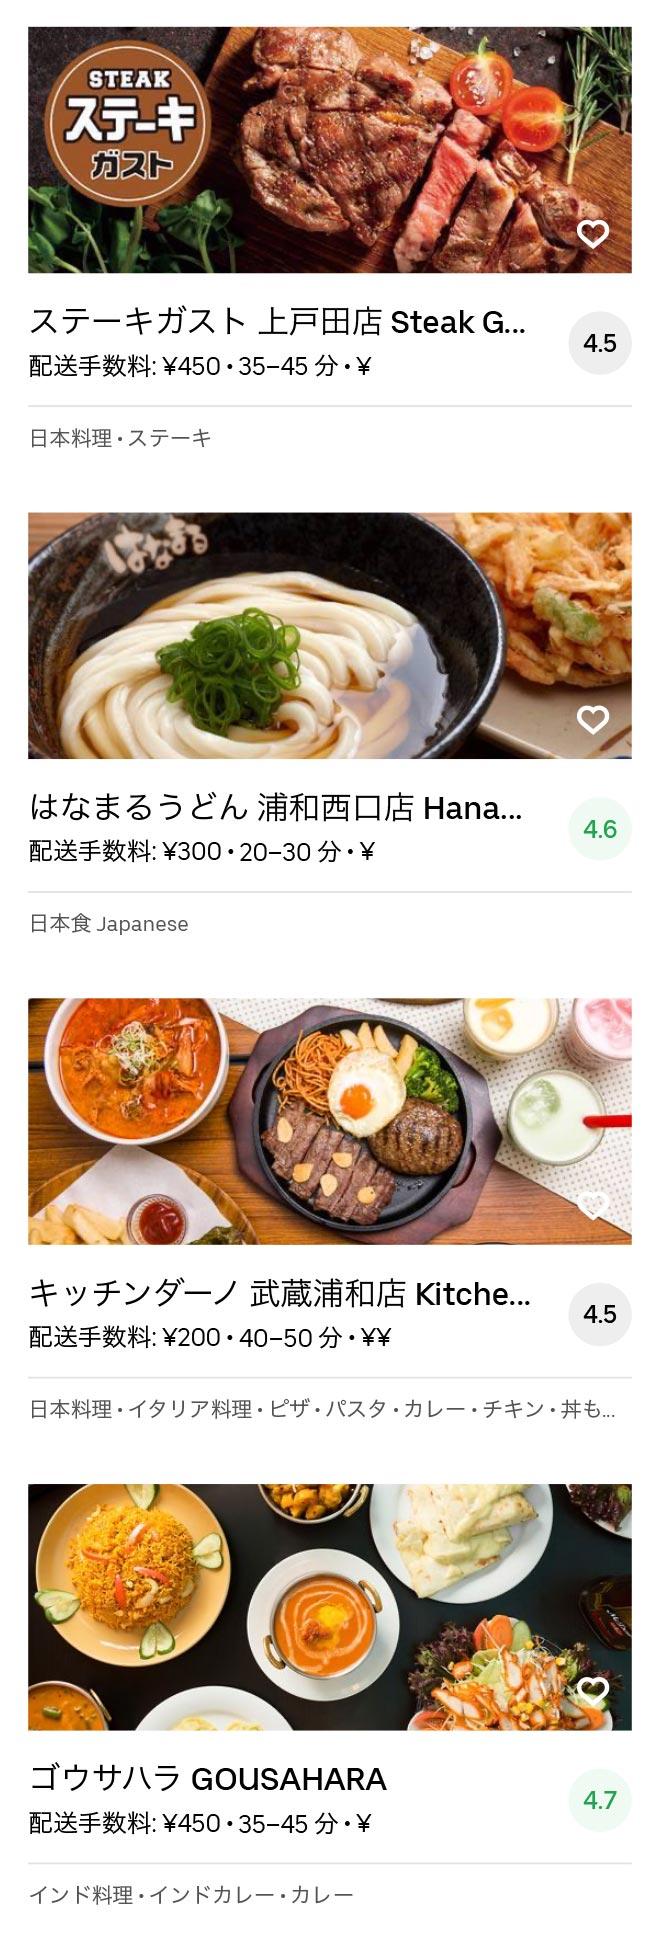 Saitama minami urawa menu 2006 09